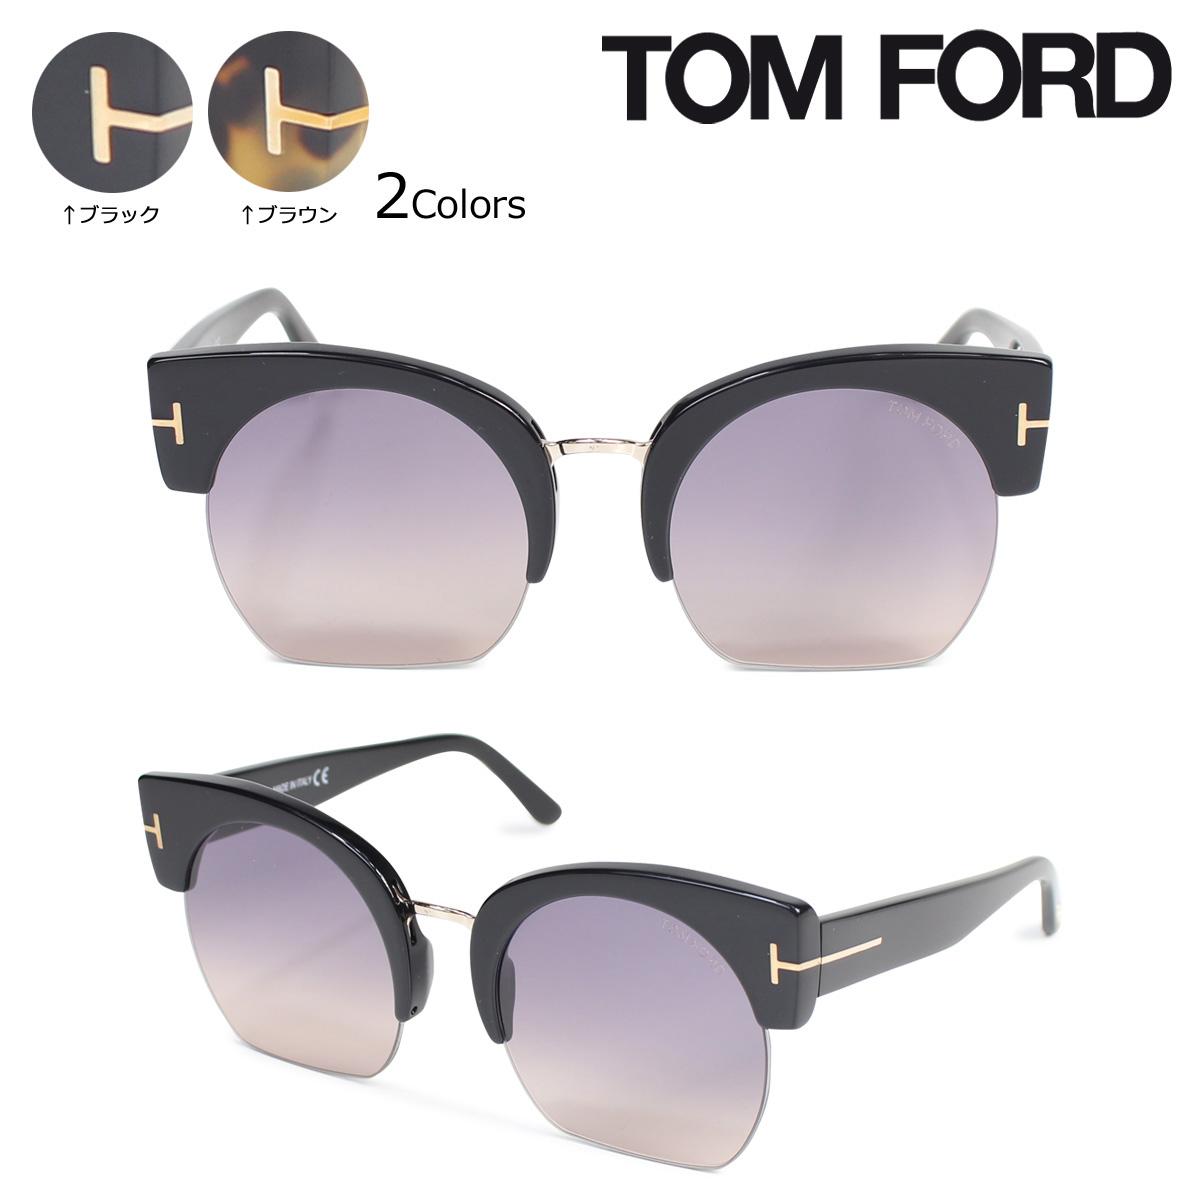 TOM FORD トムフォード サングラス メガネ メンズ レディース アイウェア FT0552 SAVANNAH SUNGLASSES 2カラー